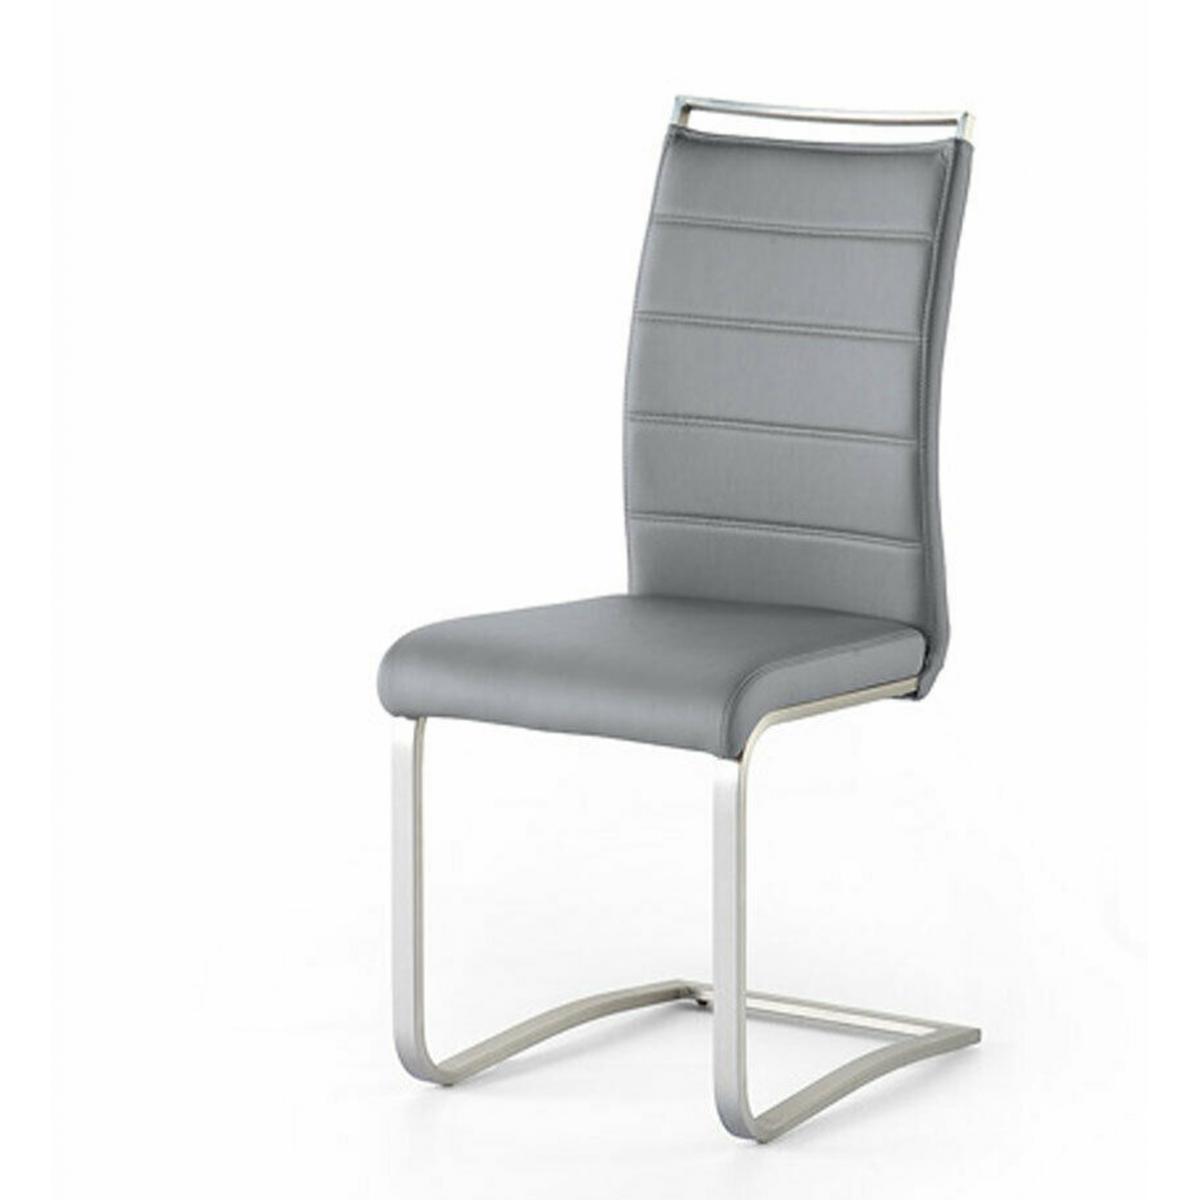 Pegane Lot de 2 chaises en acier et simili cuir coloris gris - L.42 x H.102 x P.56 cm -PEGANE-